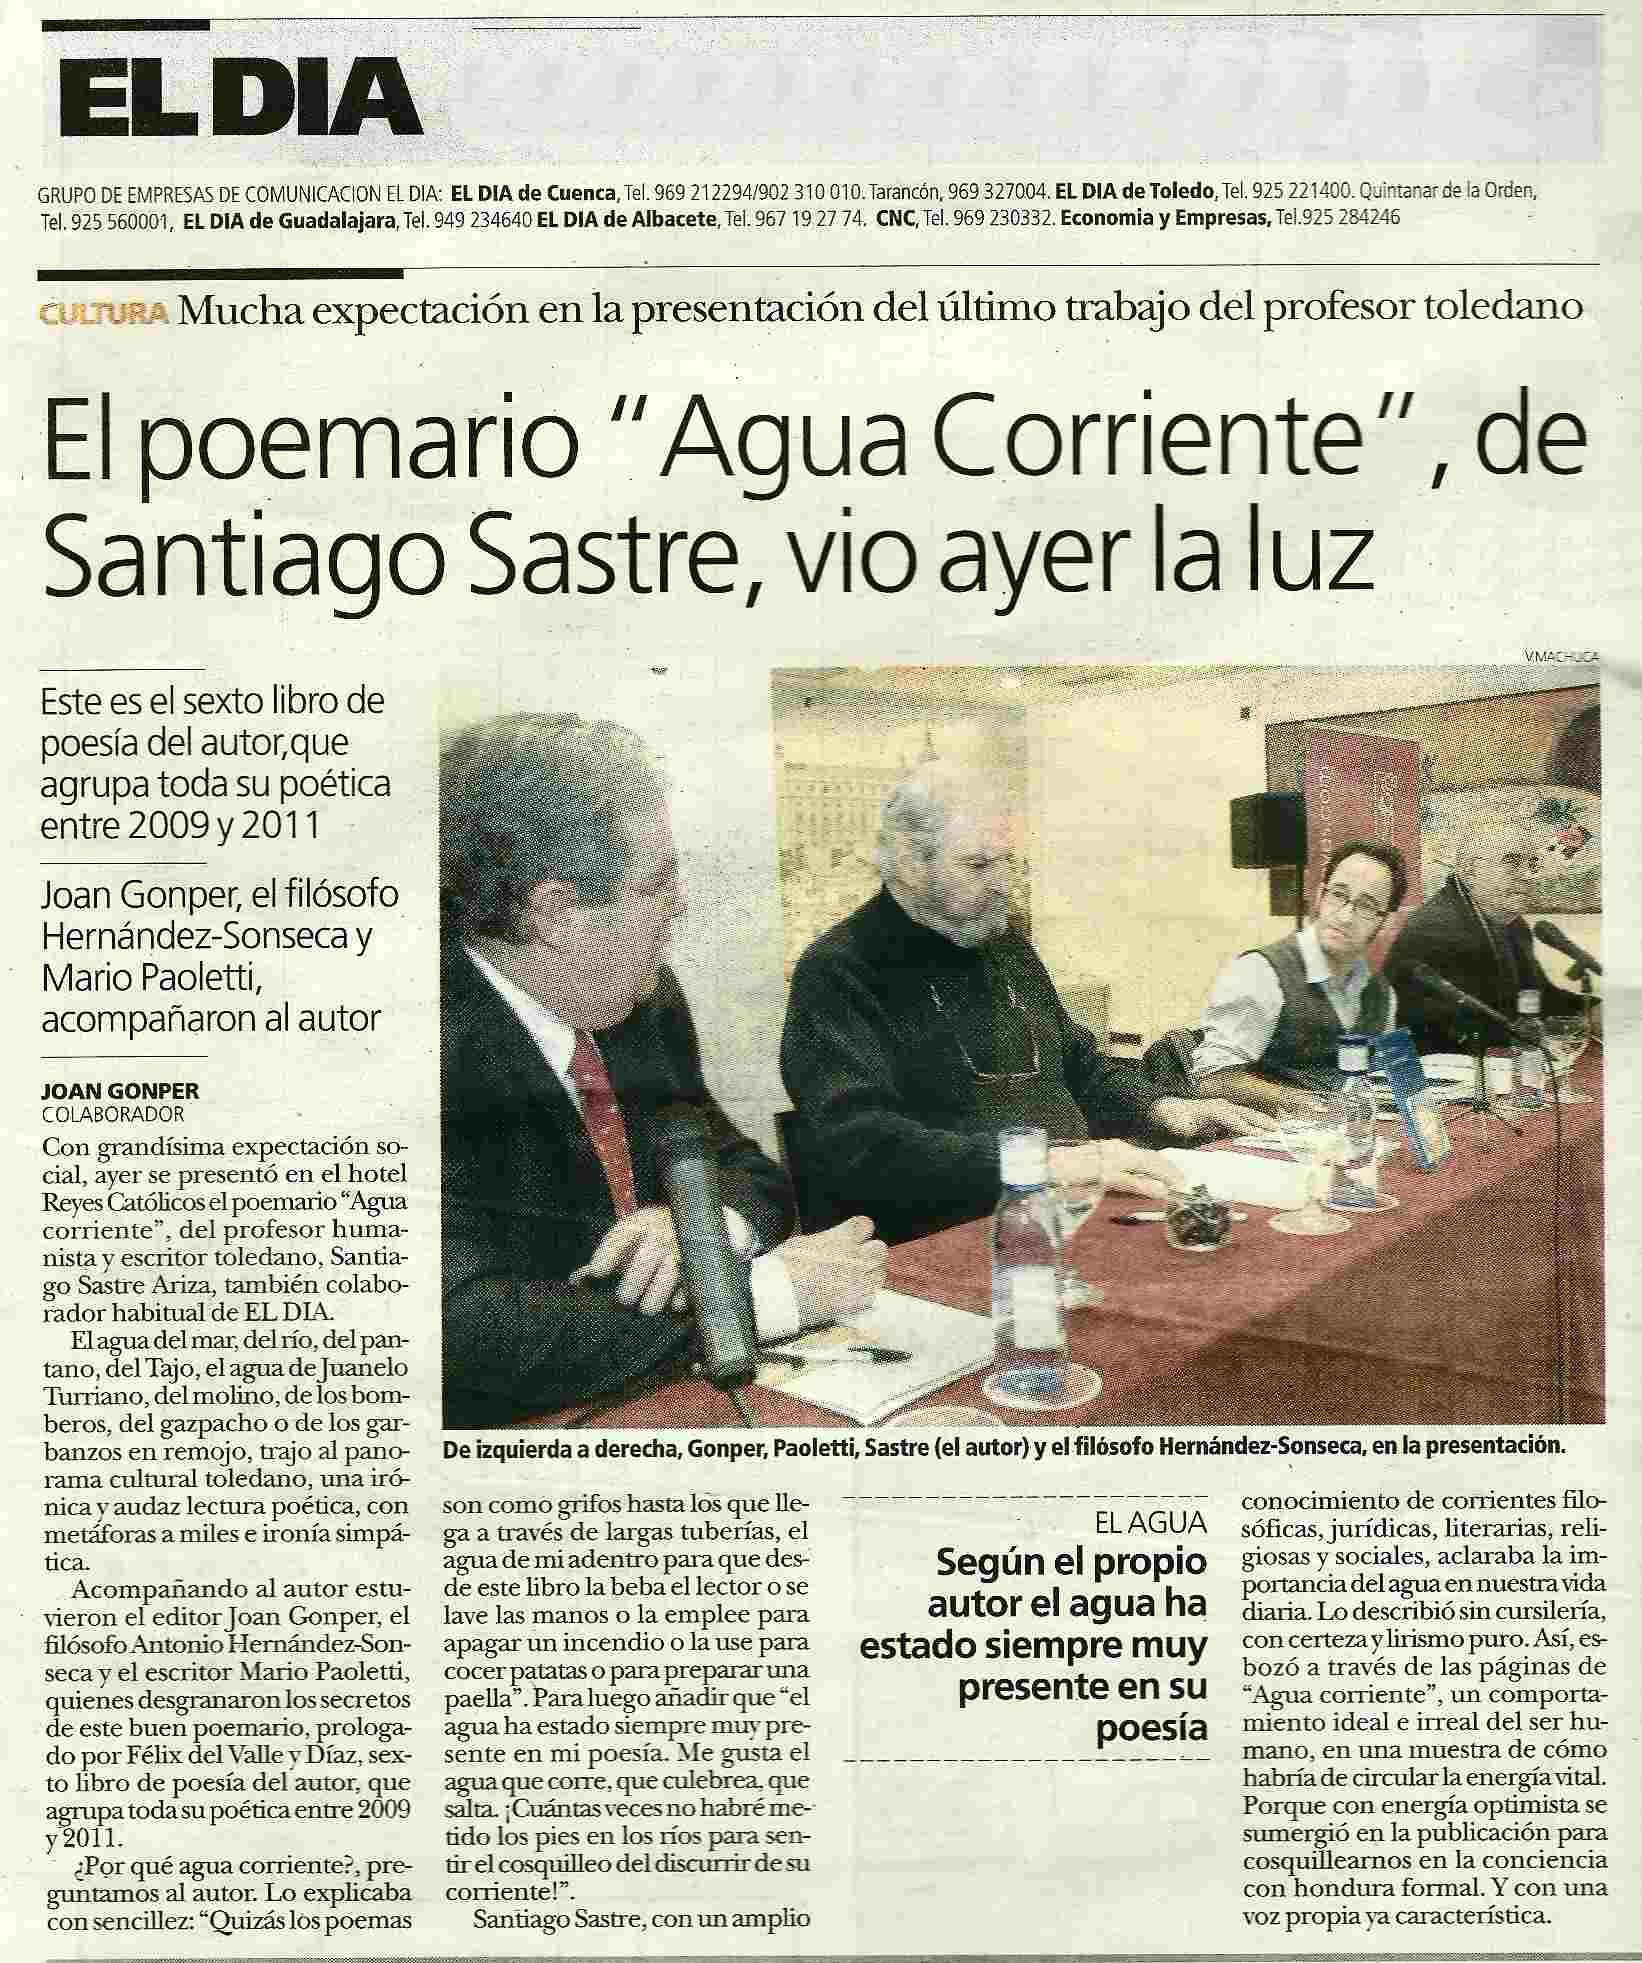 EL DÍA: Presentación de 'Agua corriente' de Santiago Sastre.